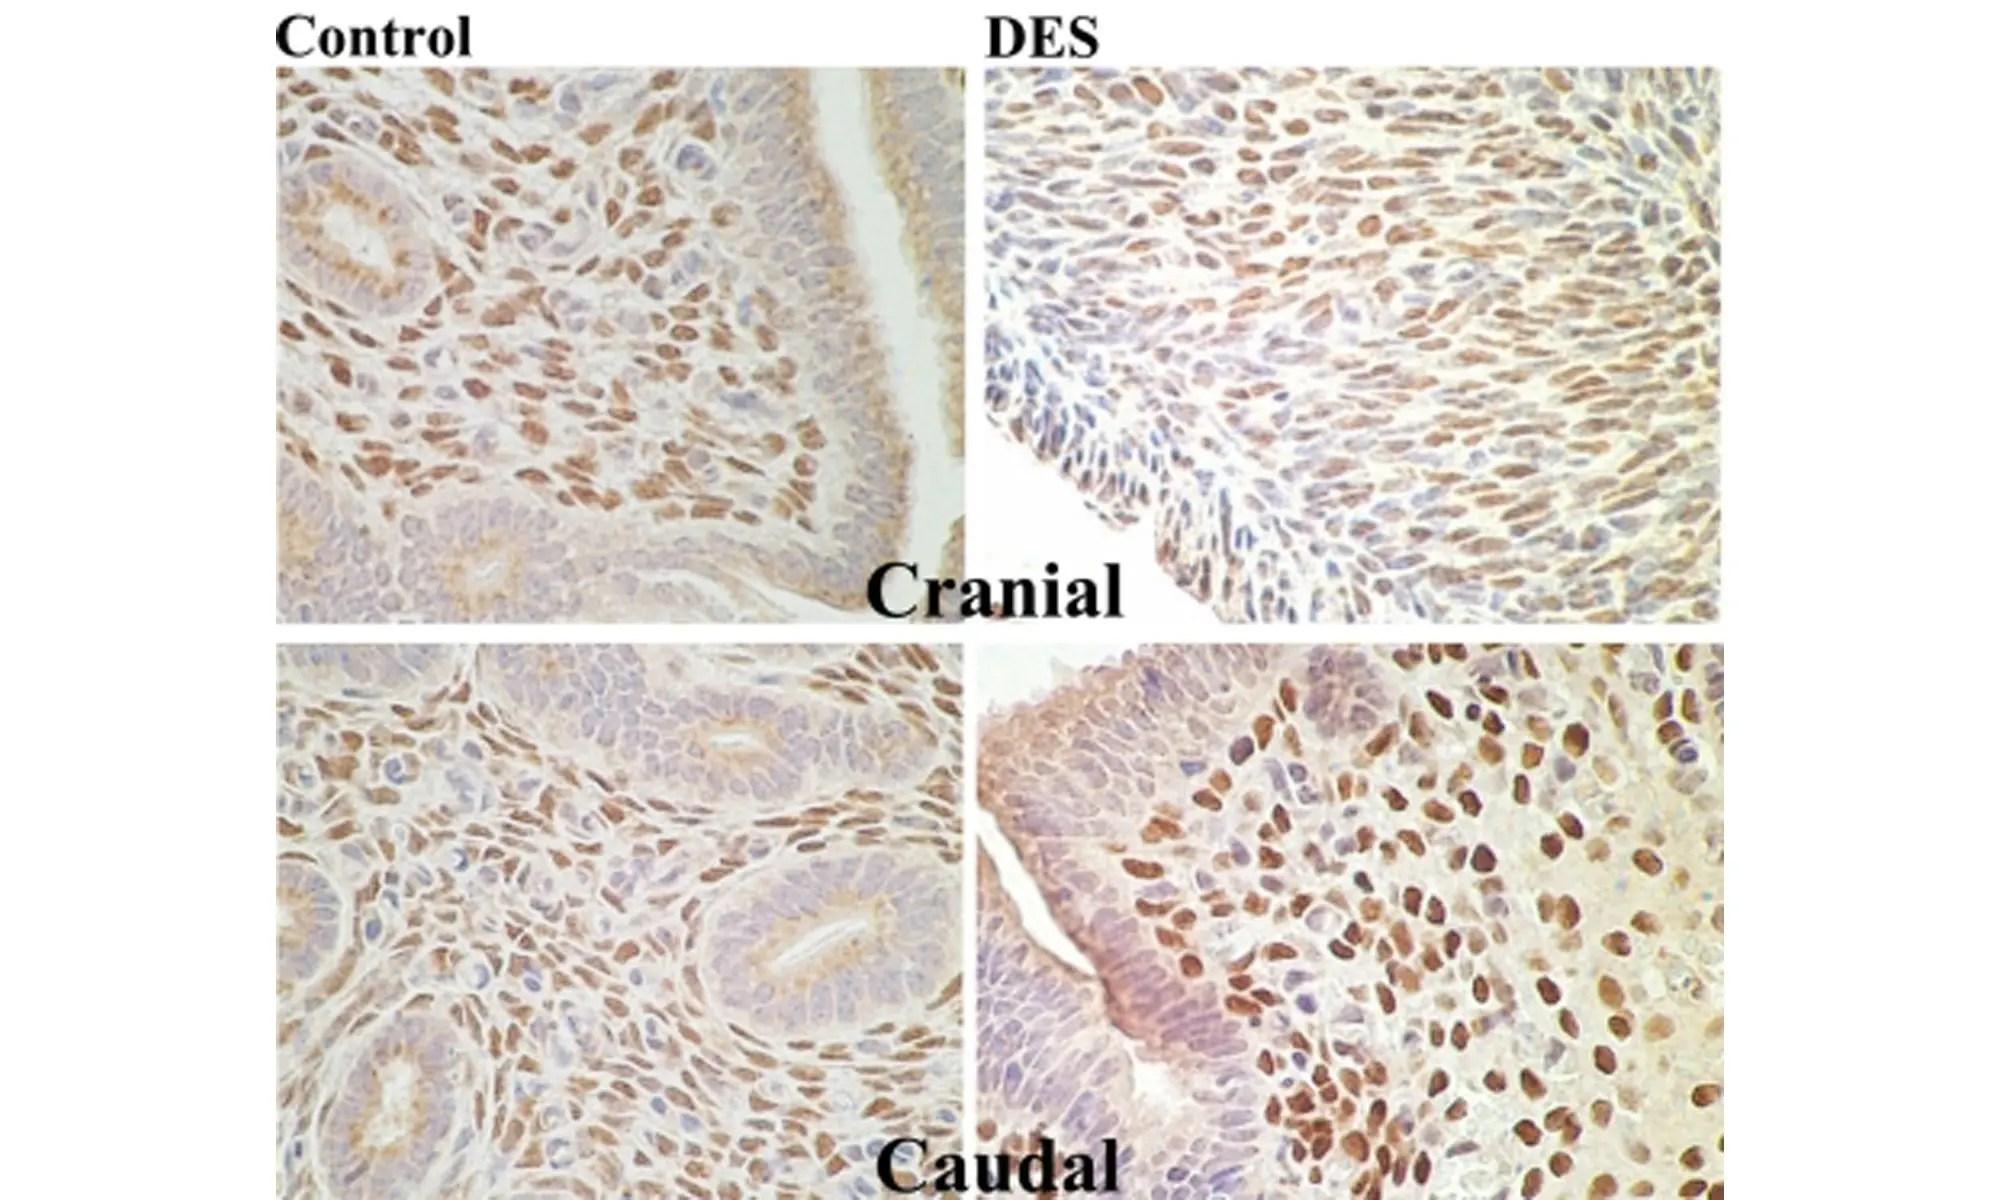 image of homeobox gene HOXA10 expression